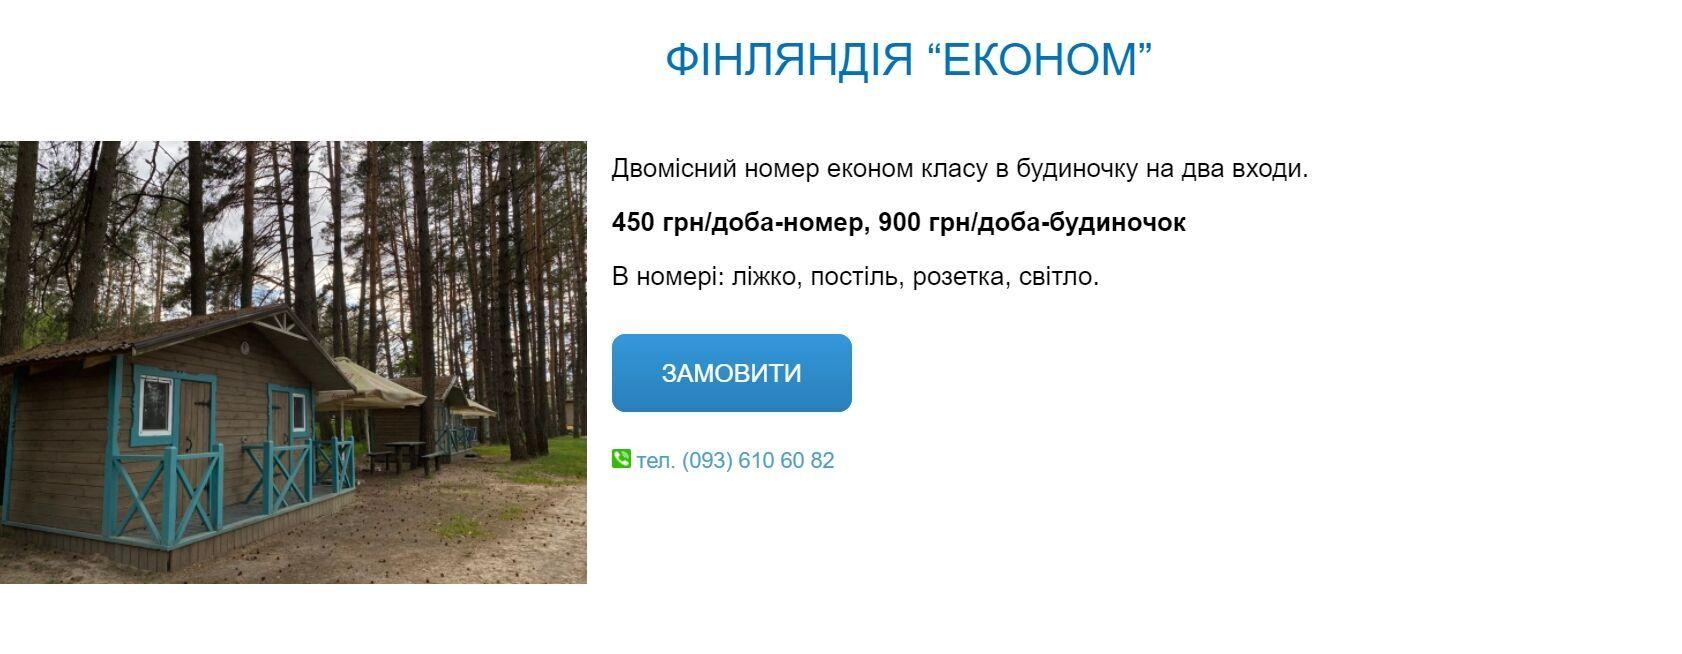 Економ-житло на Блакитних озерах можна винайняти від 450 грн за добу